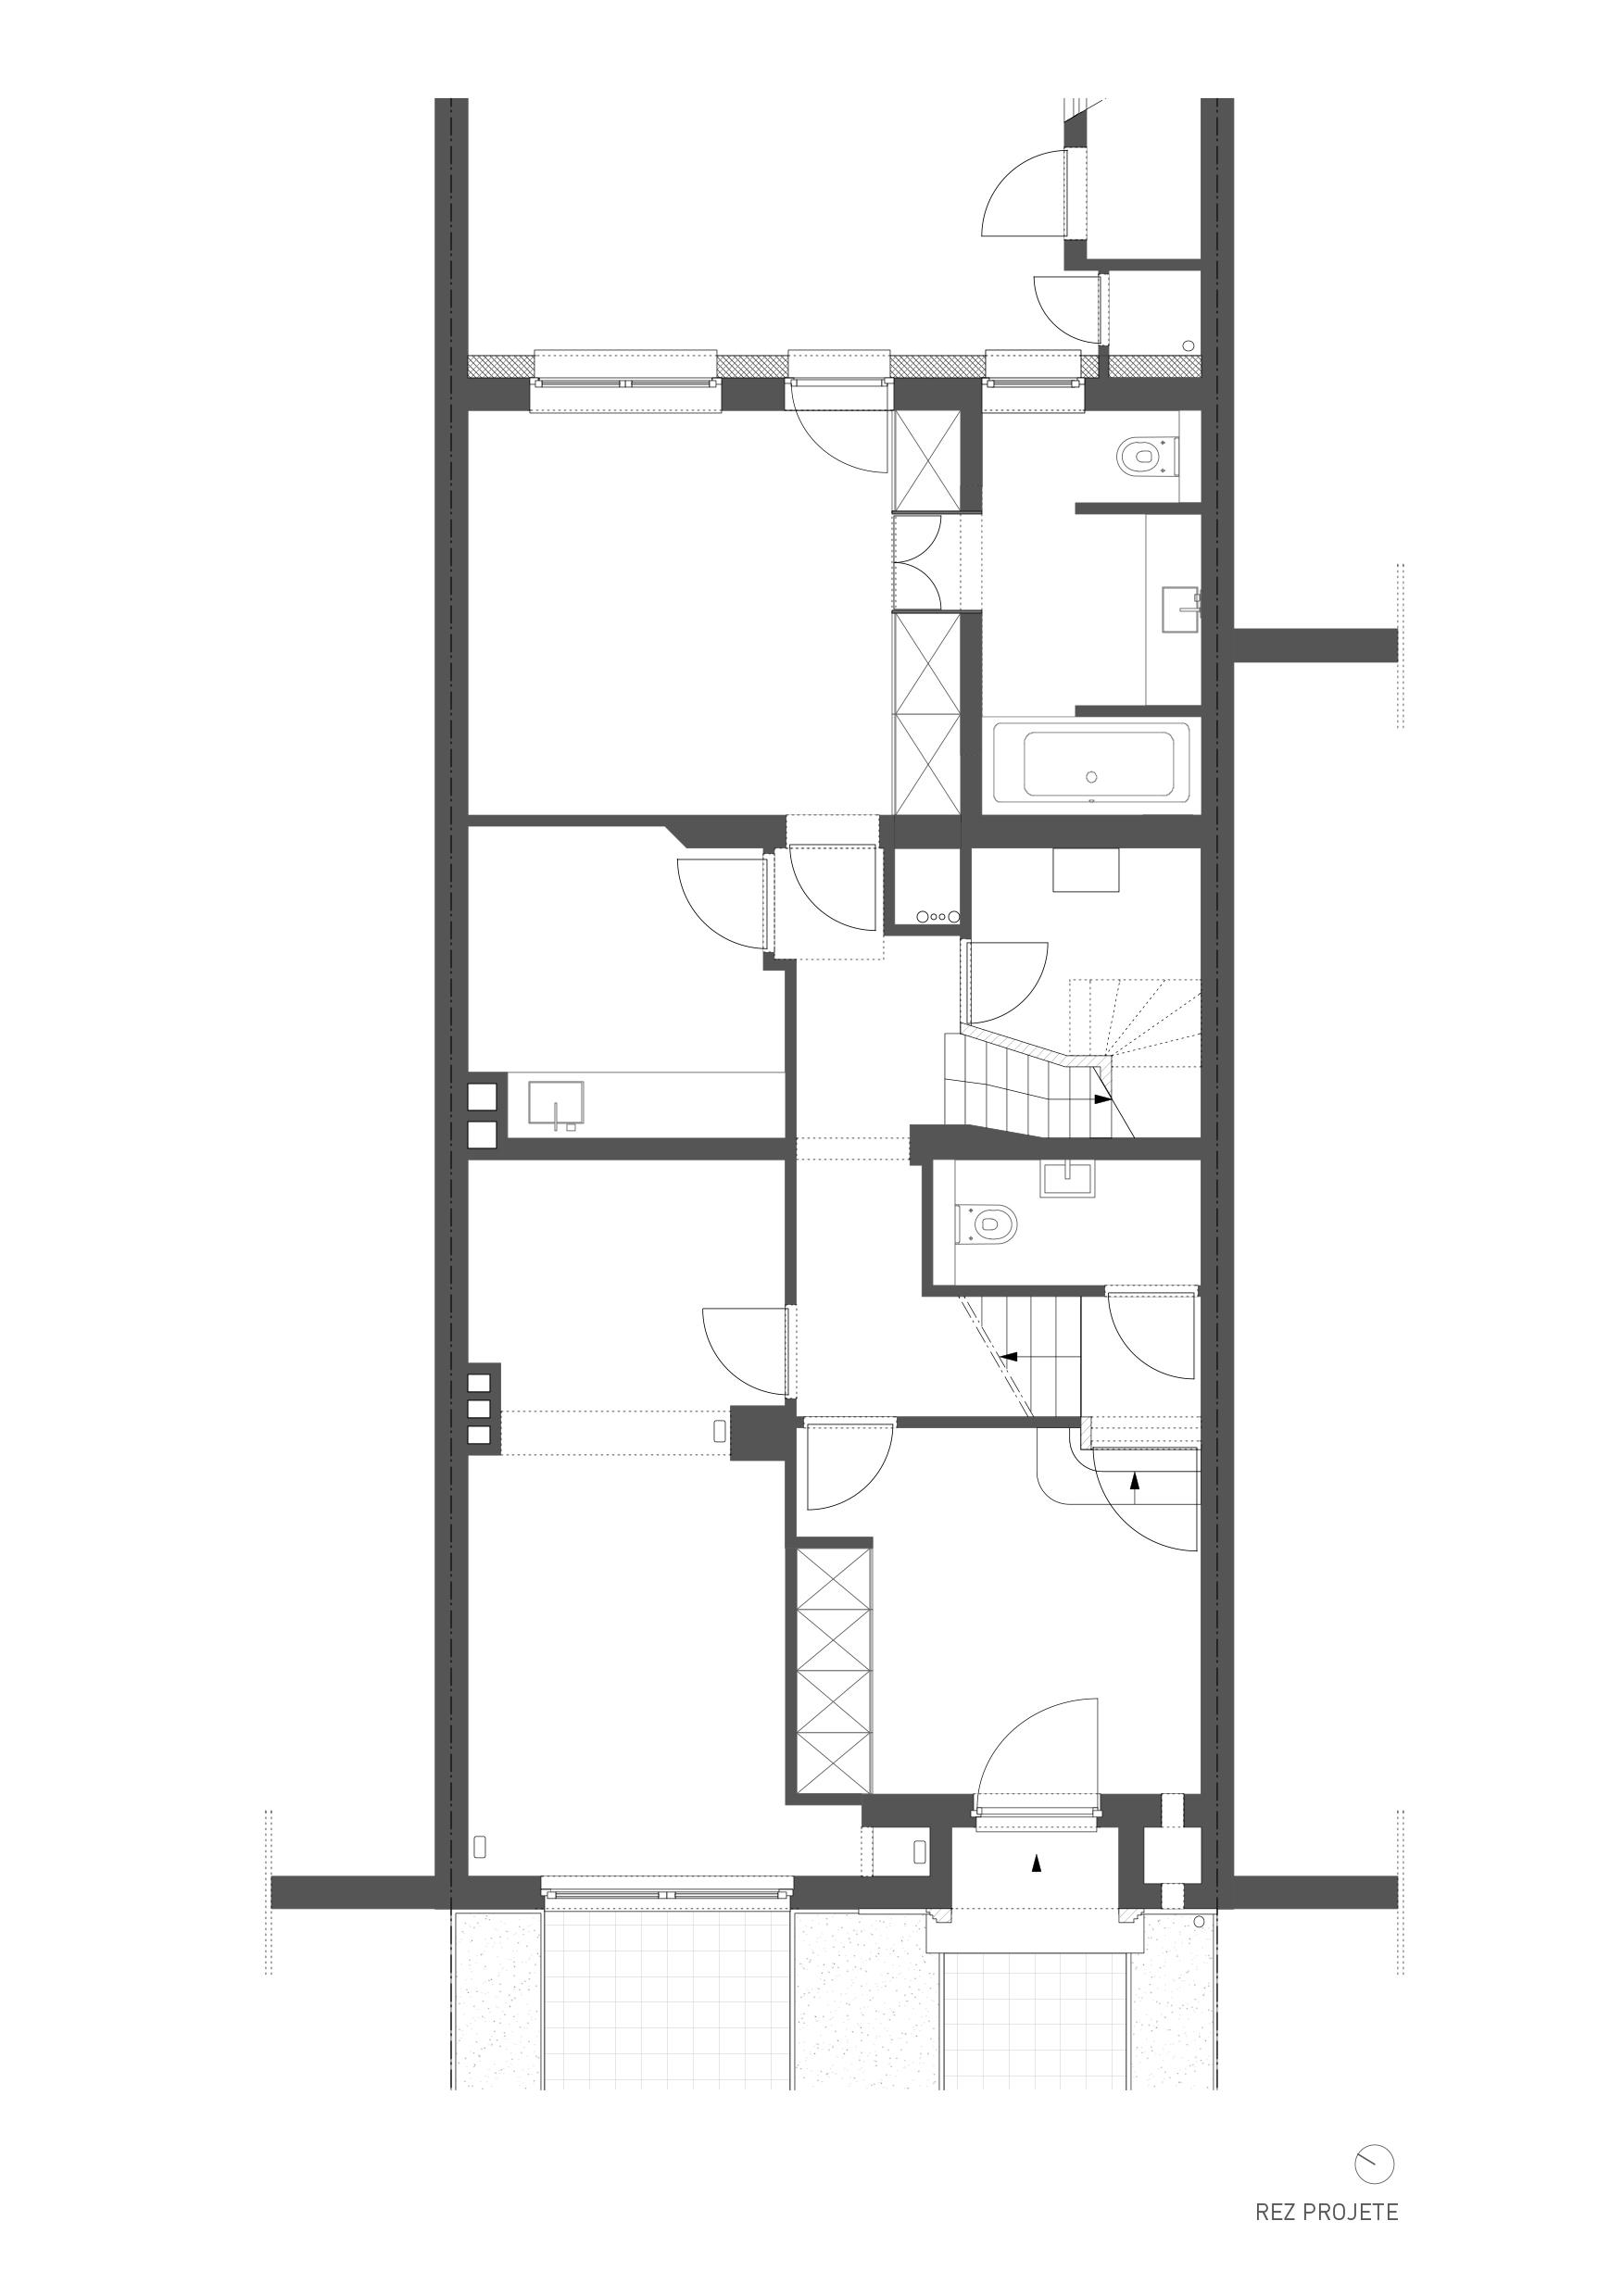 rénovation passive maison bruxelles